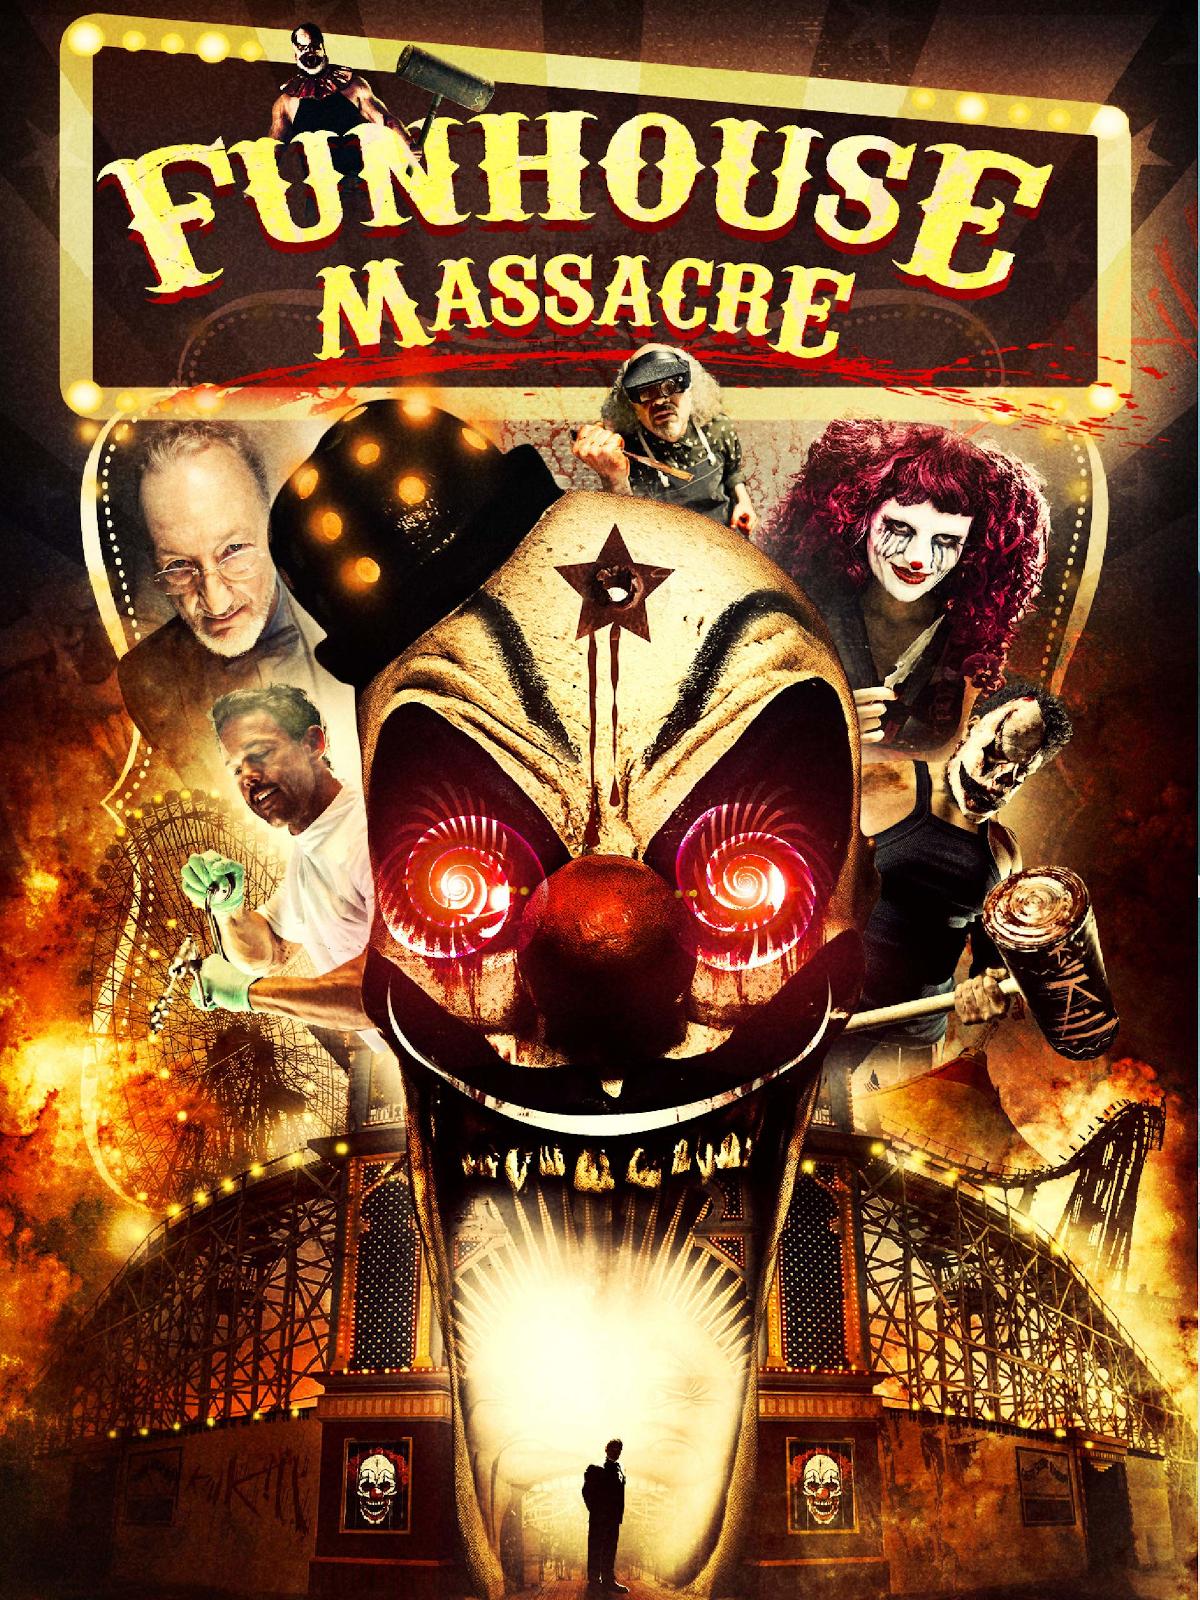 The Funhouse Massacre - Massacre au Palais du rire |